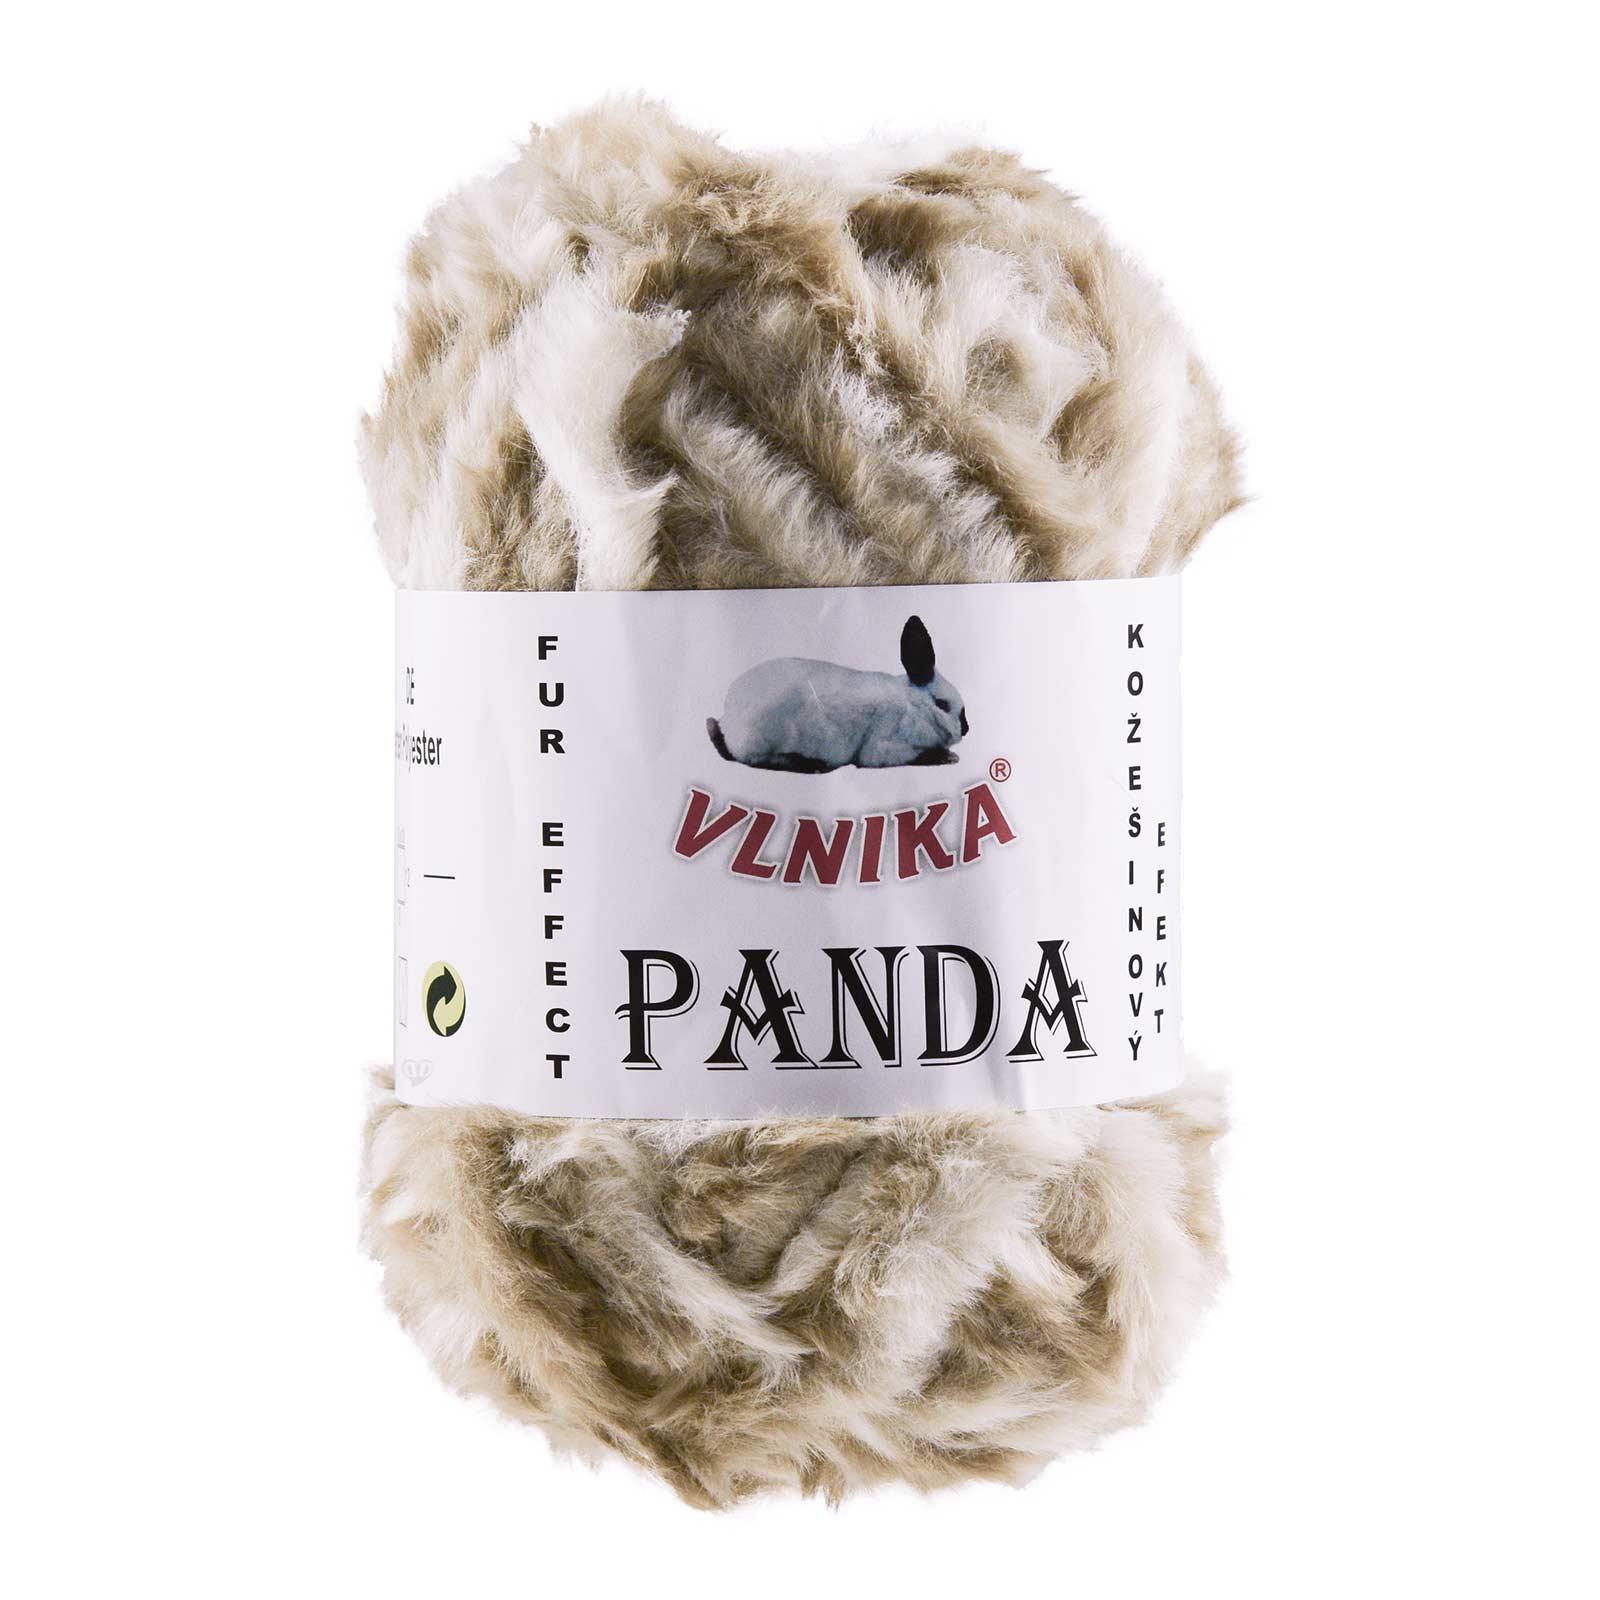 100g Strickgarn Panda Strick-Wolle Webpelz-Garn Kuschelwolle Plüschwolle  – Bild 16